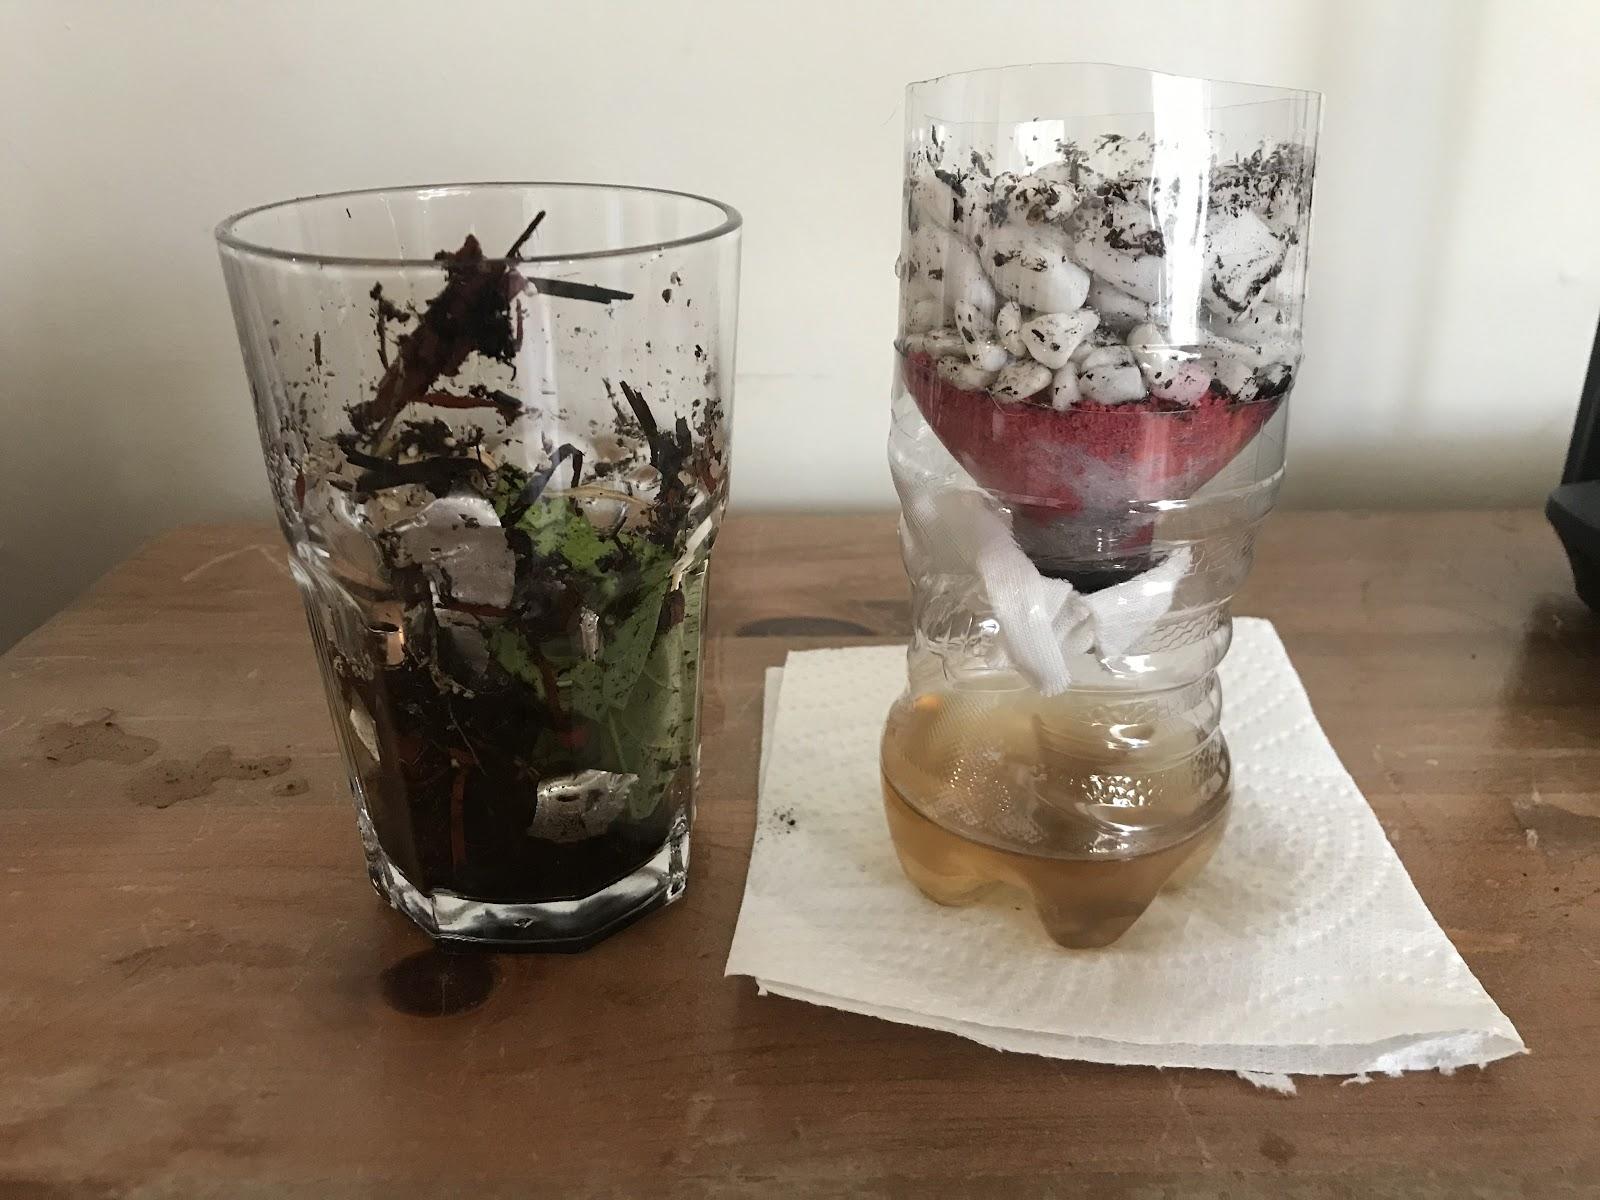 soil in a glass beside project